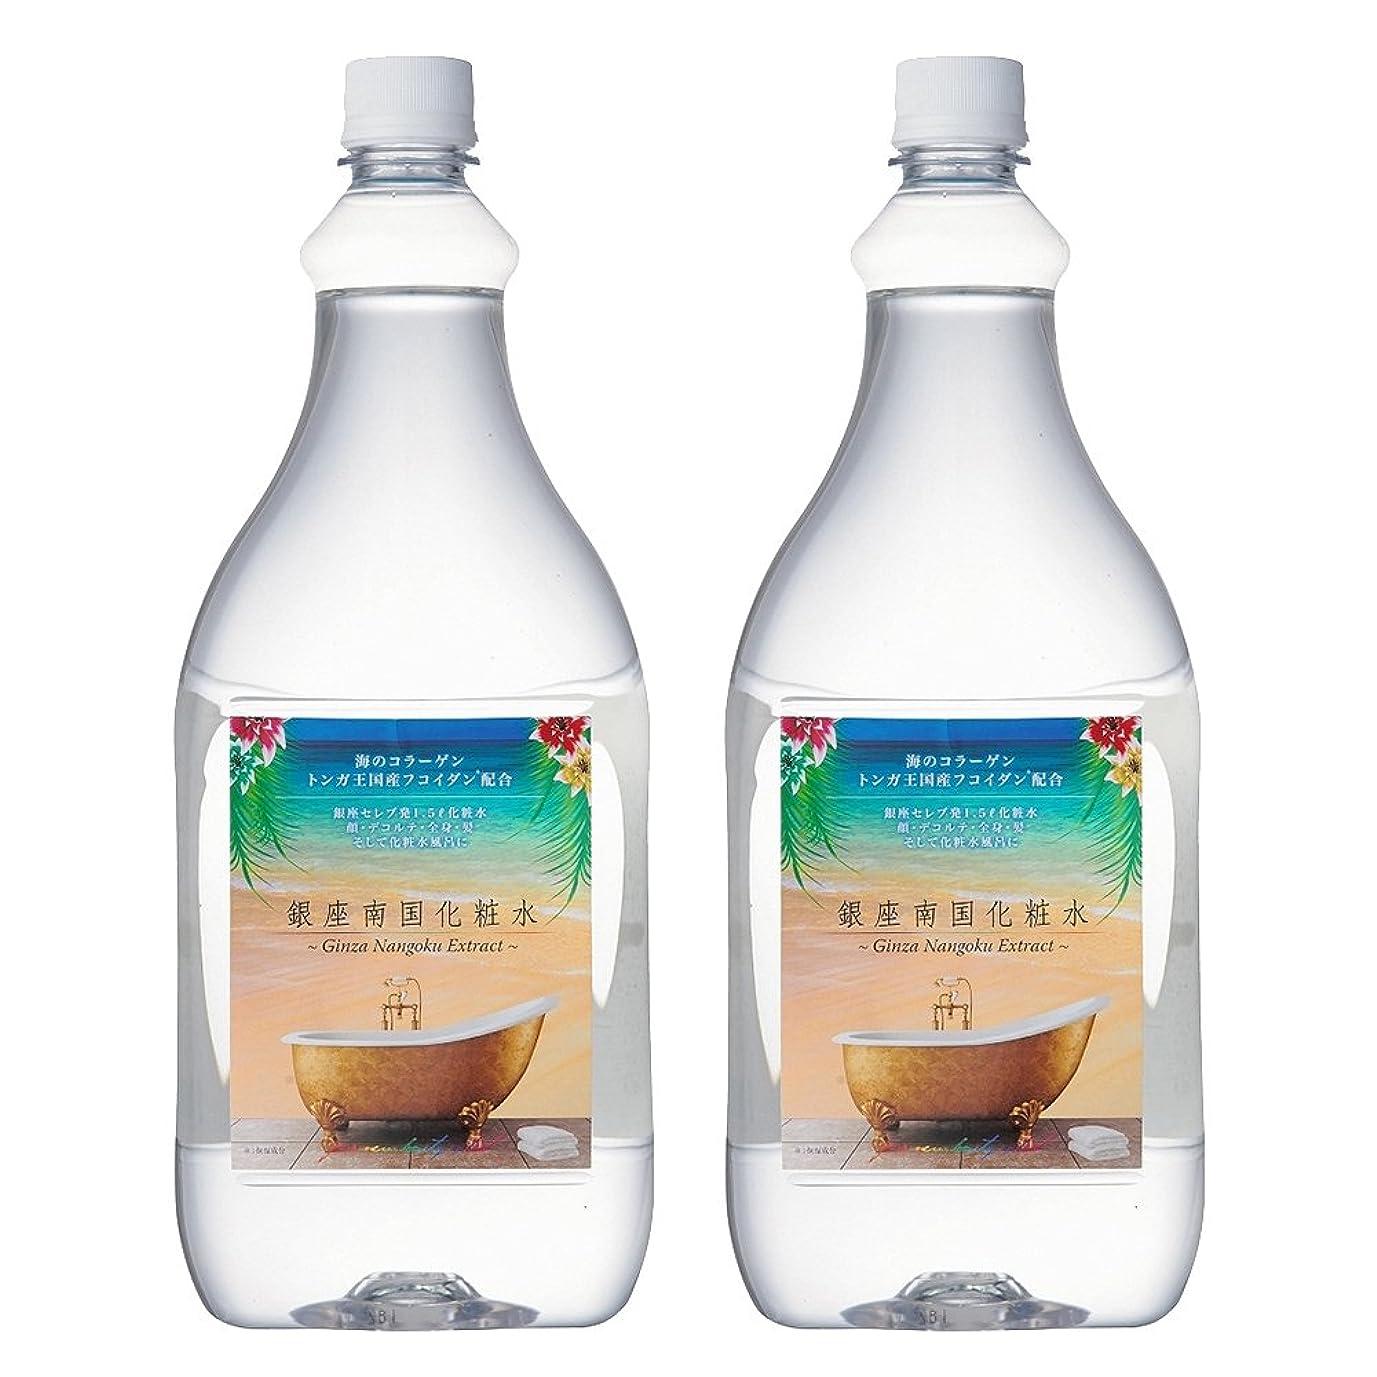 ヘルパートレイ解体する銀座南国化粧水 1.5L 2本セット